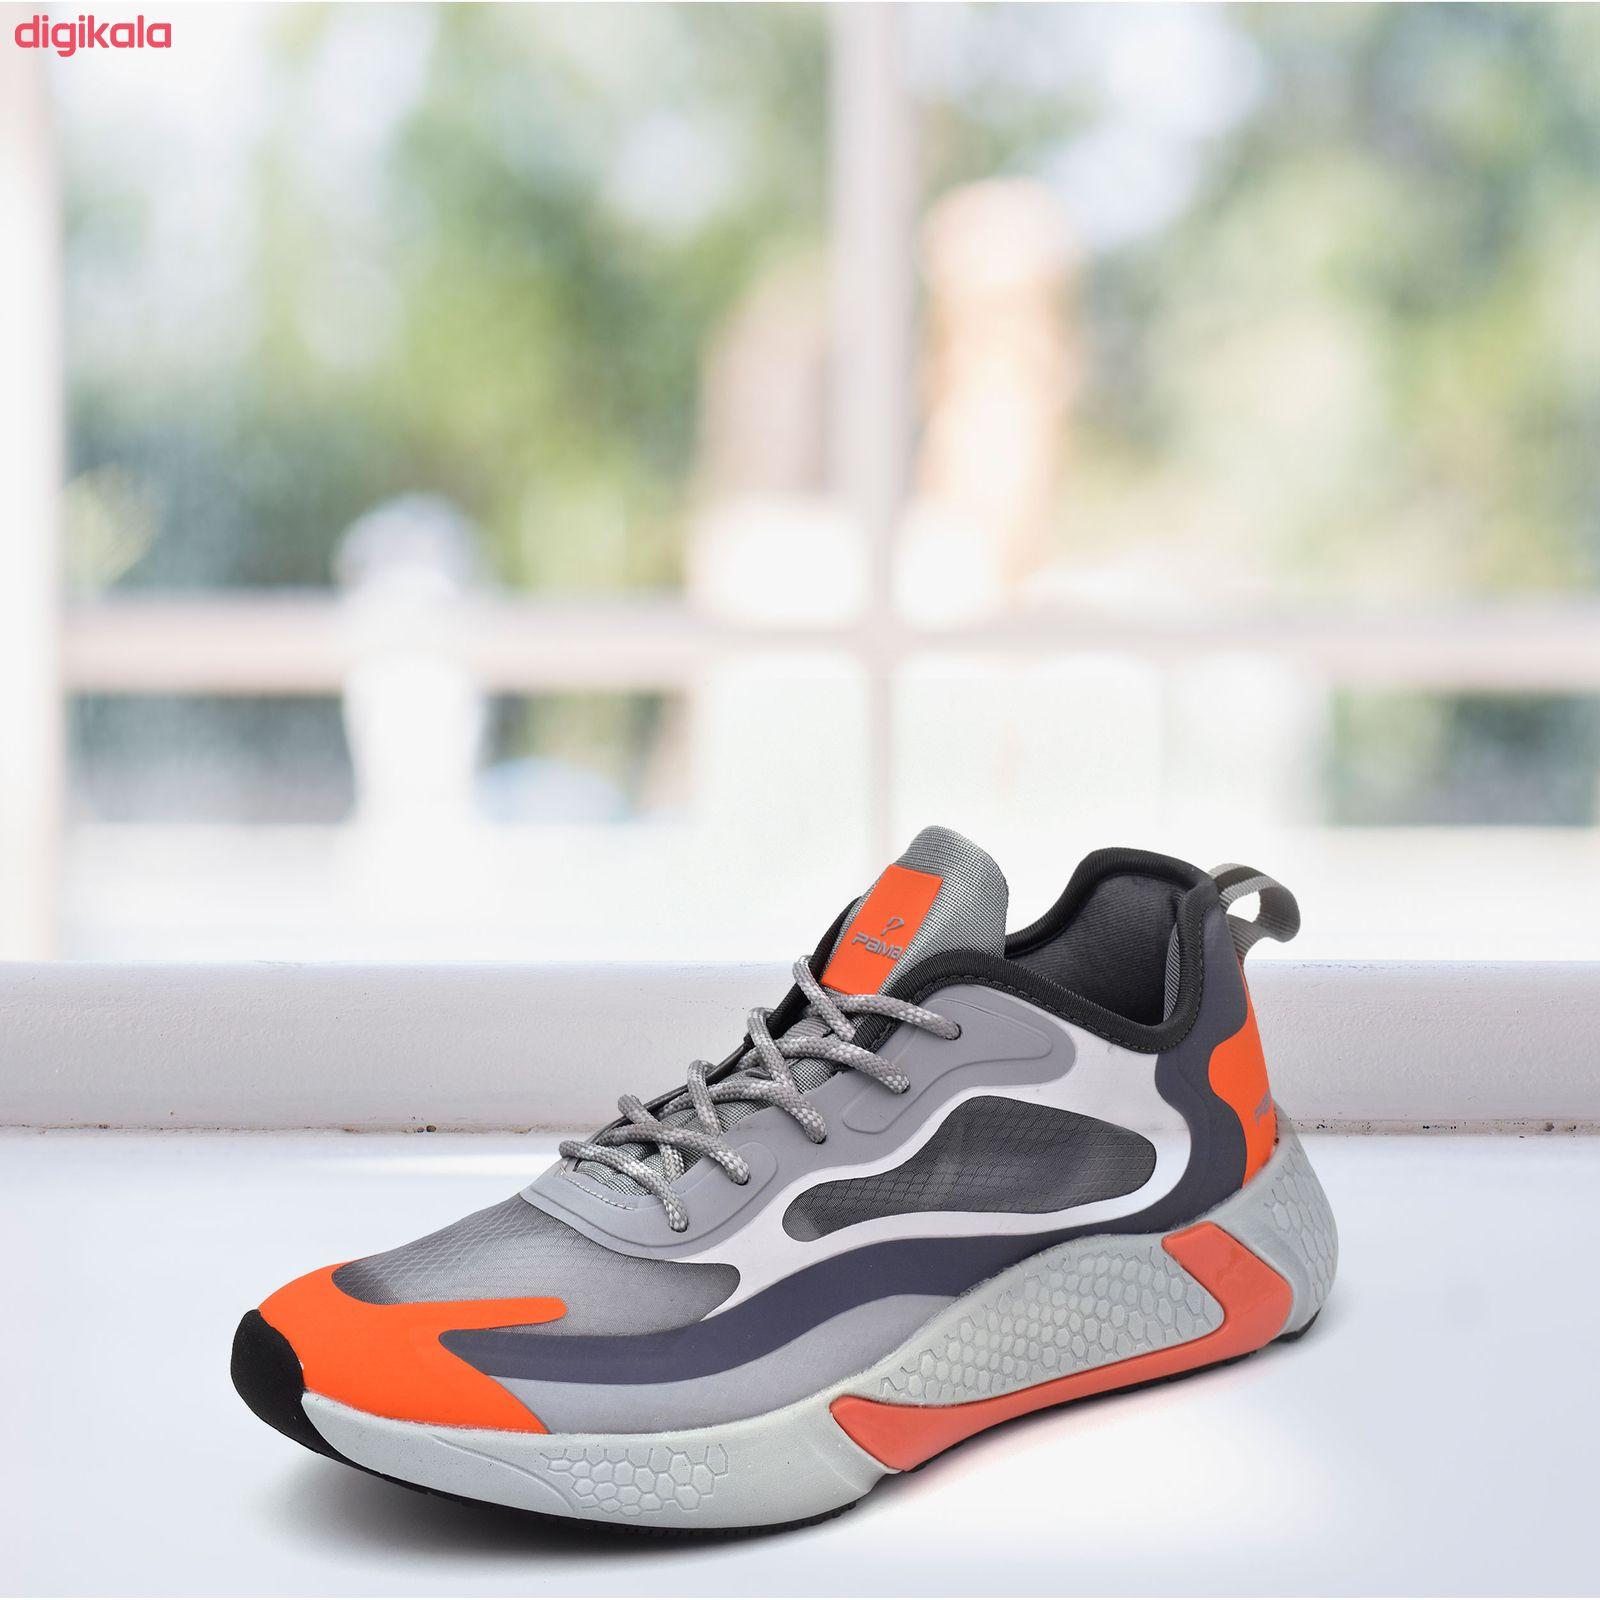 کفش پیاده روی مردانه پاما مدل ساموئل کد G1421 main 1 4